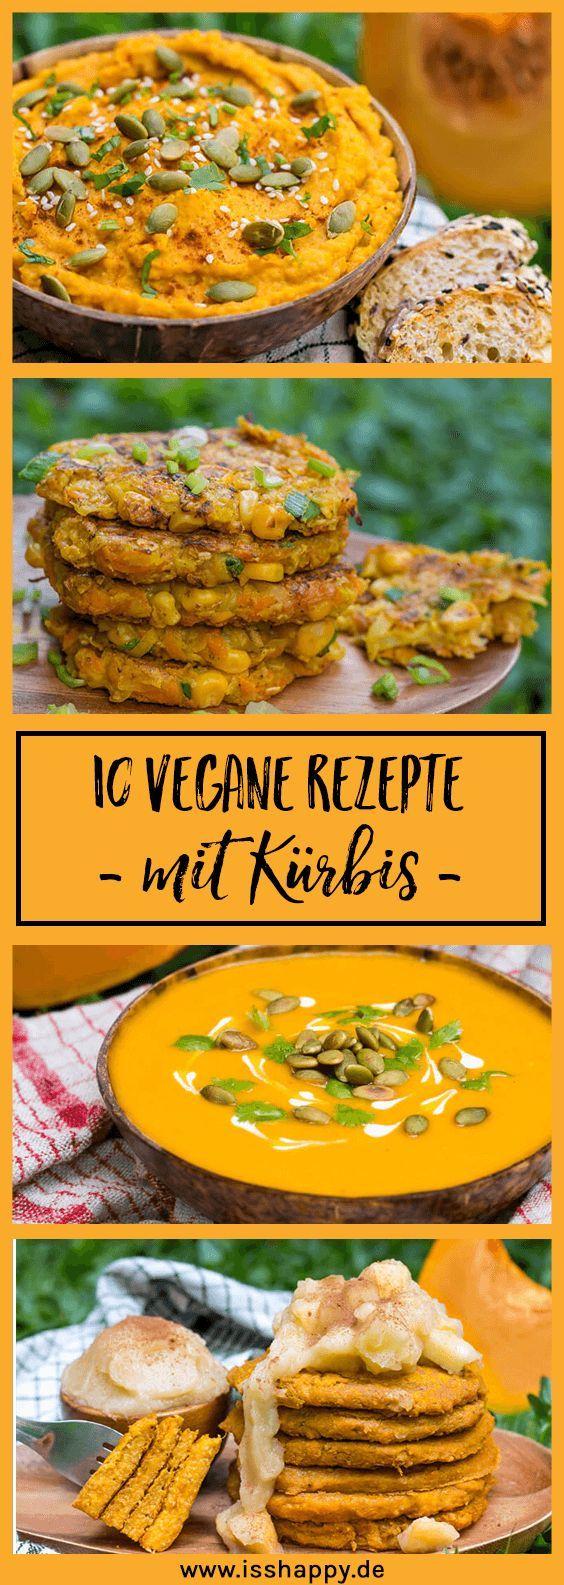 10 vegane Rezepte mit Kürbis - lecker, einfach und gesund! #pumpkinrecipes